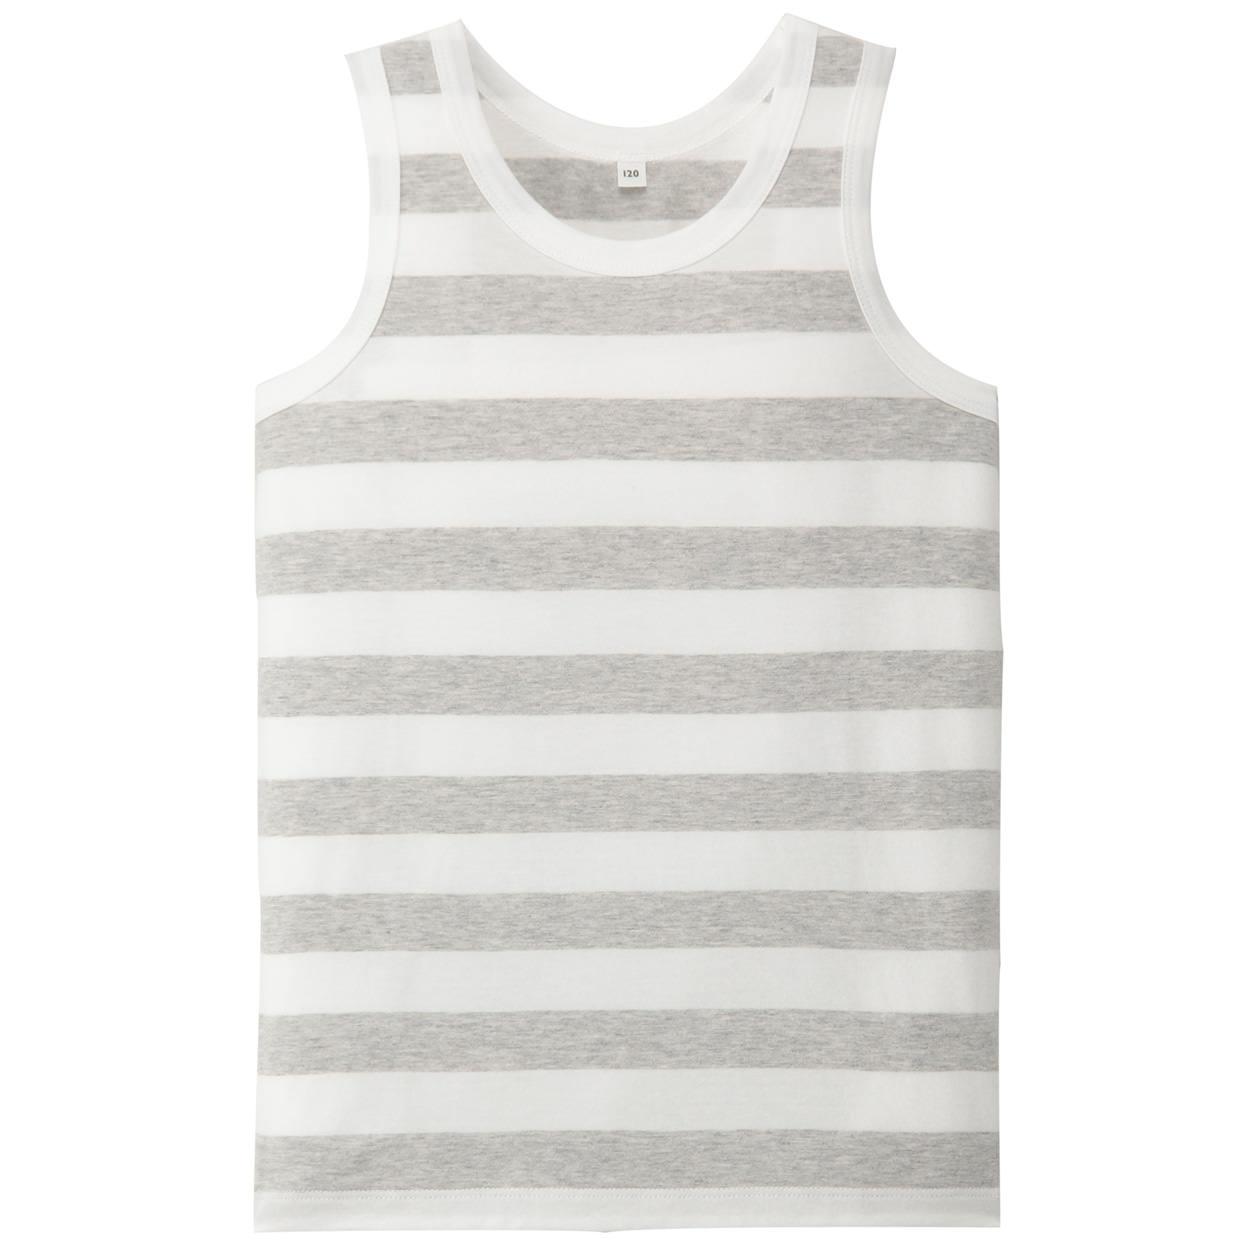 送料164円 無印良品 (100) 半袖 Tシャツ トップス キッズ 男の子 子供服